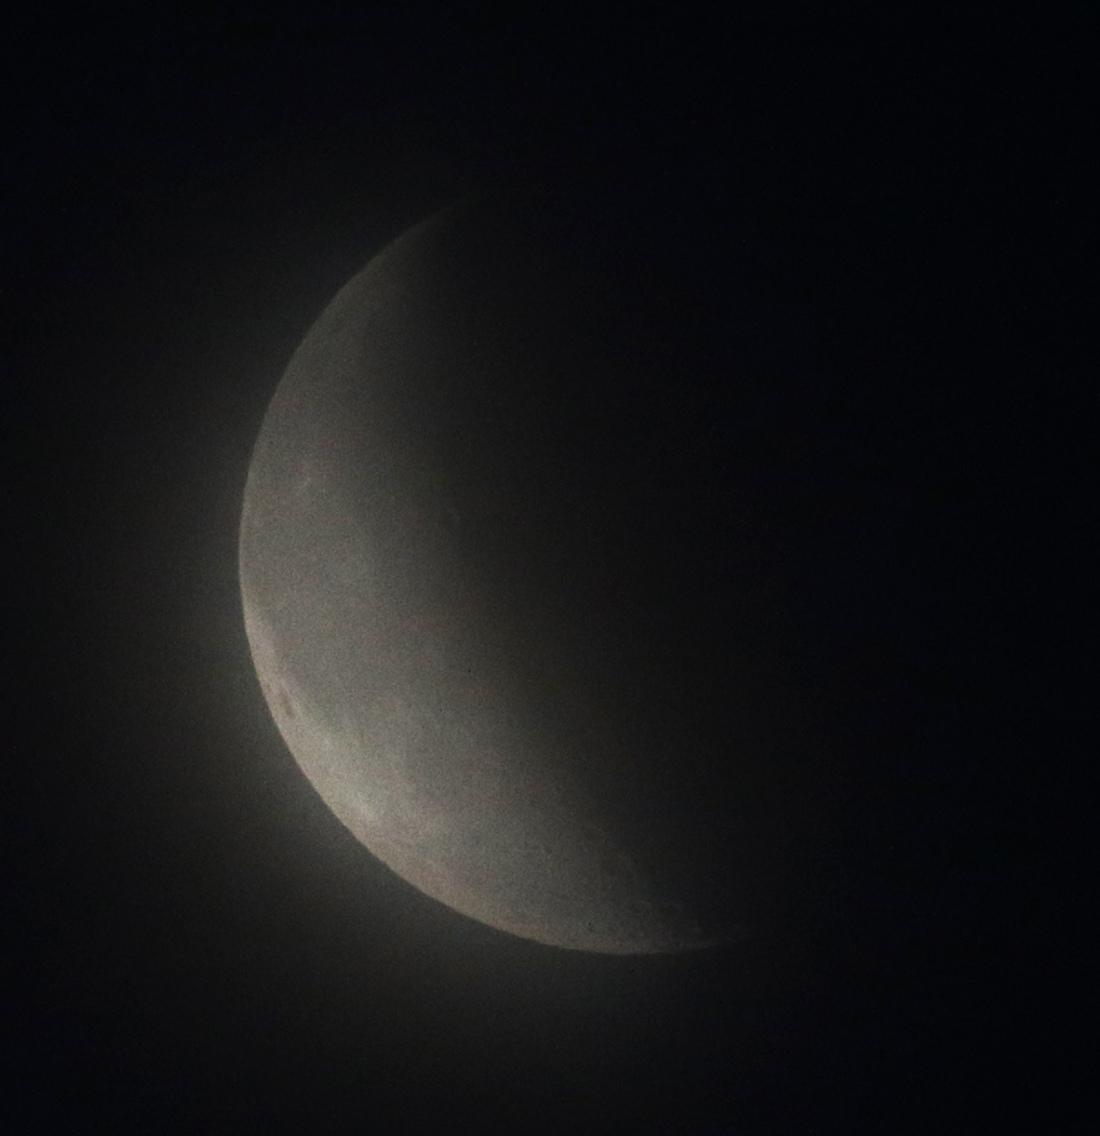 la lune le 19/01/2020 (47643)